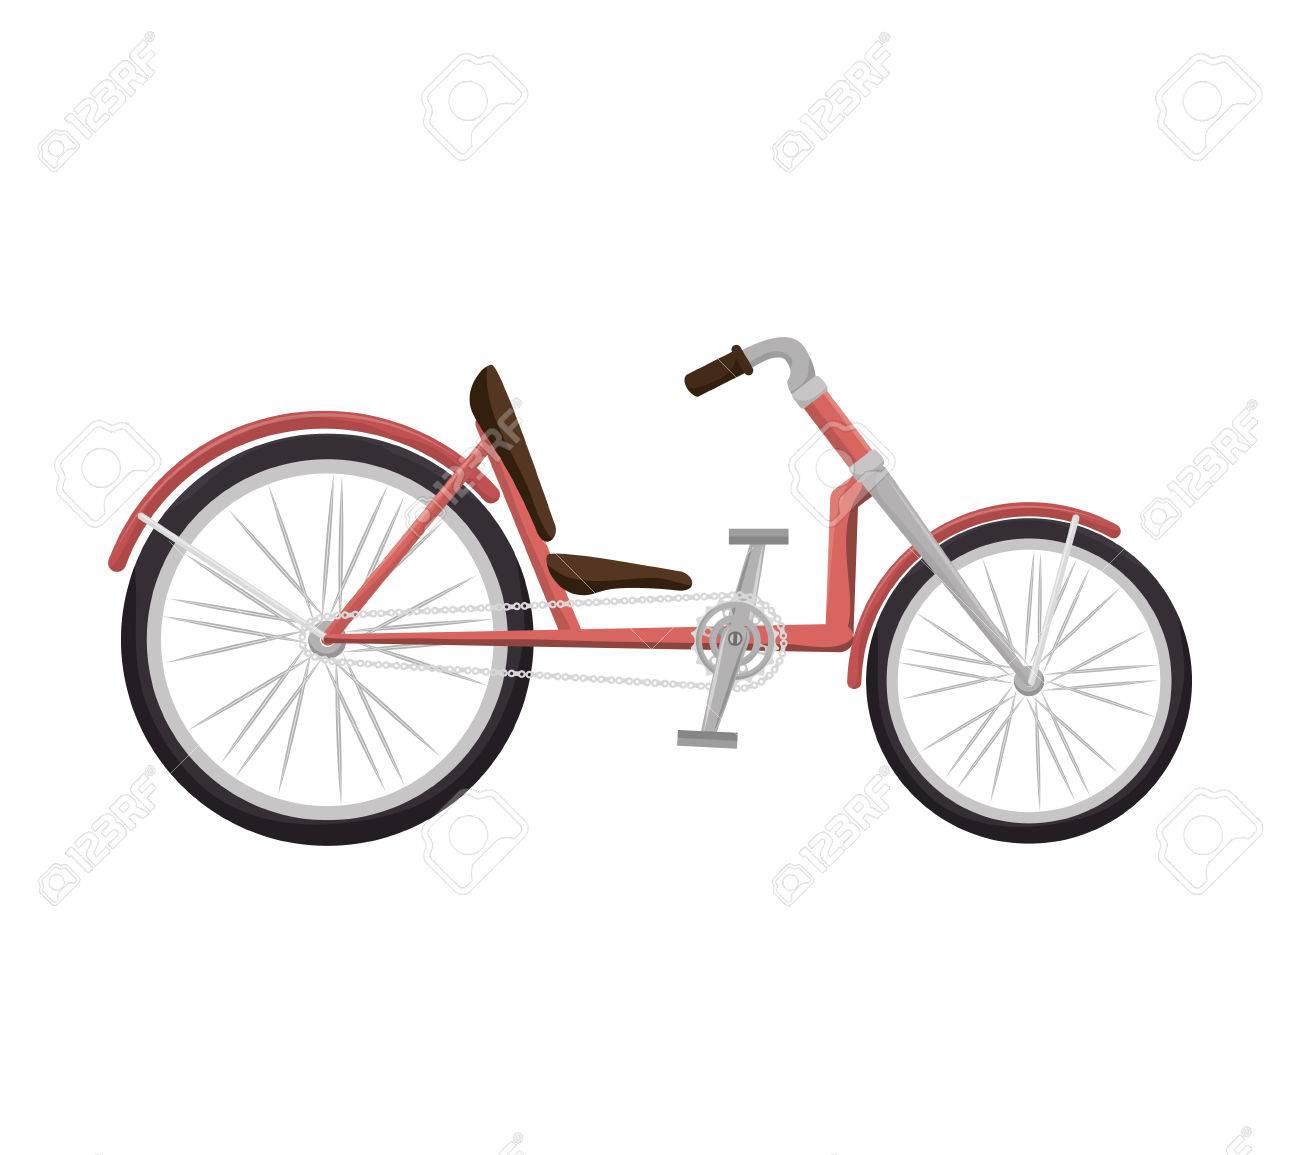 Bicicletta Reclinata Bici Veicolo Trasporto Sport Attività Illustrazione Vettoriale